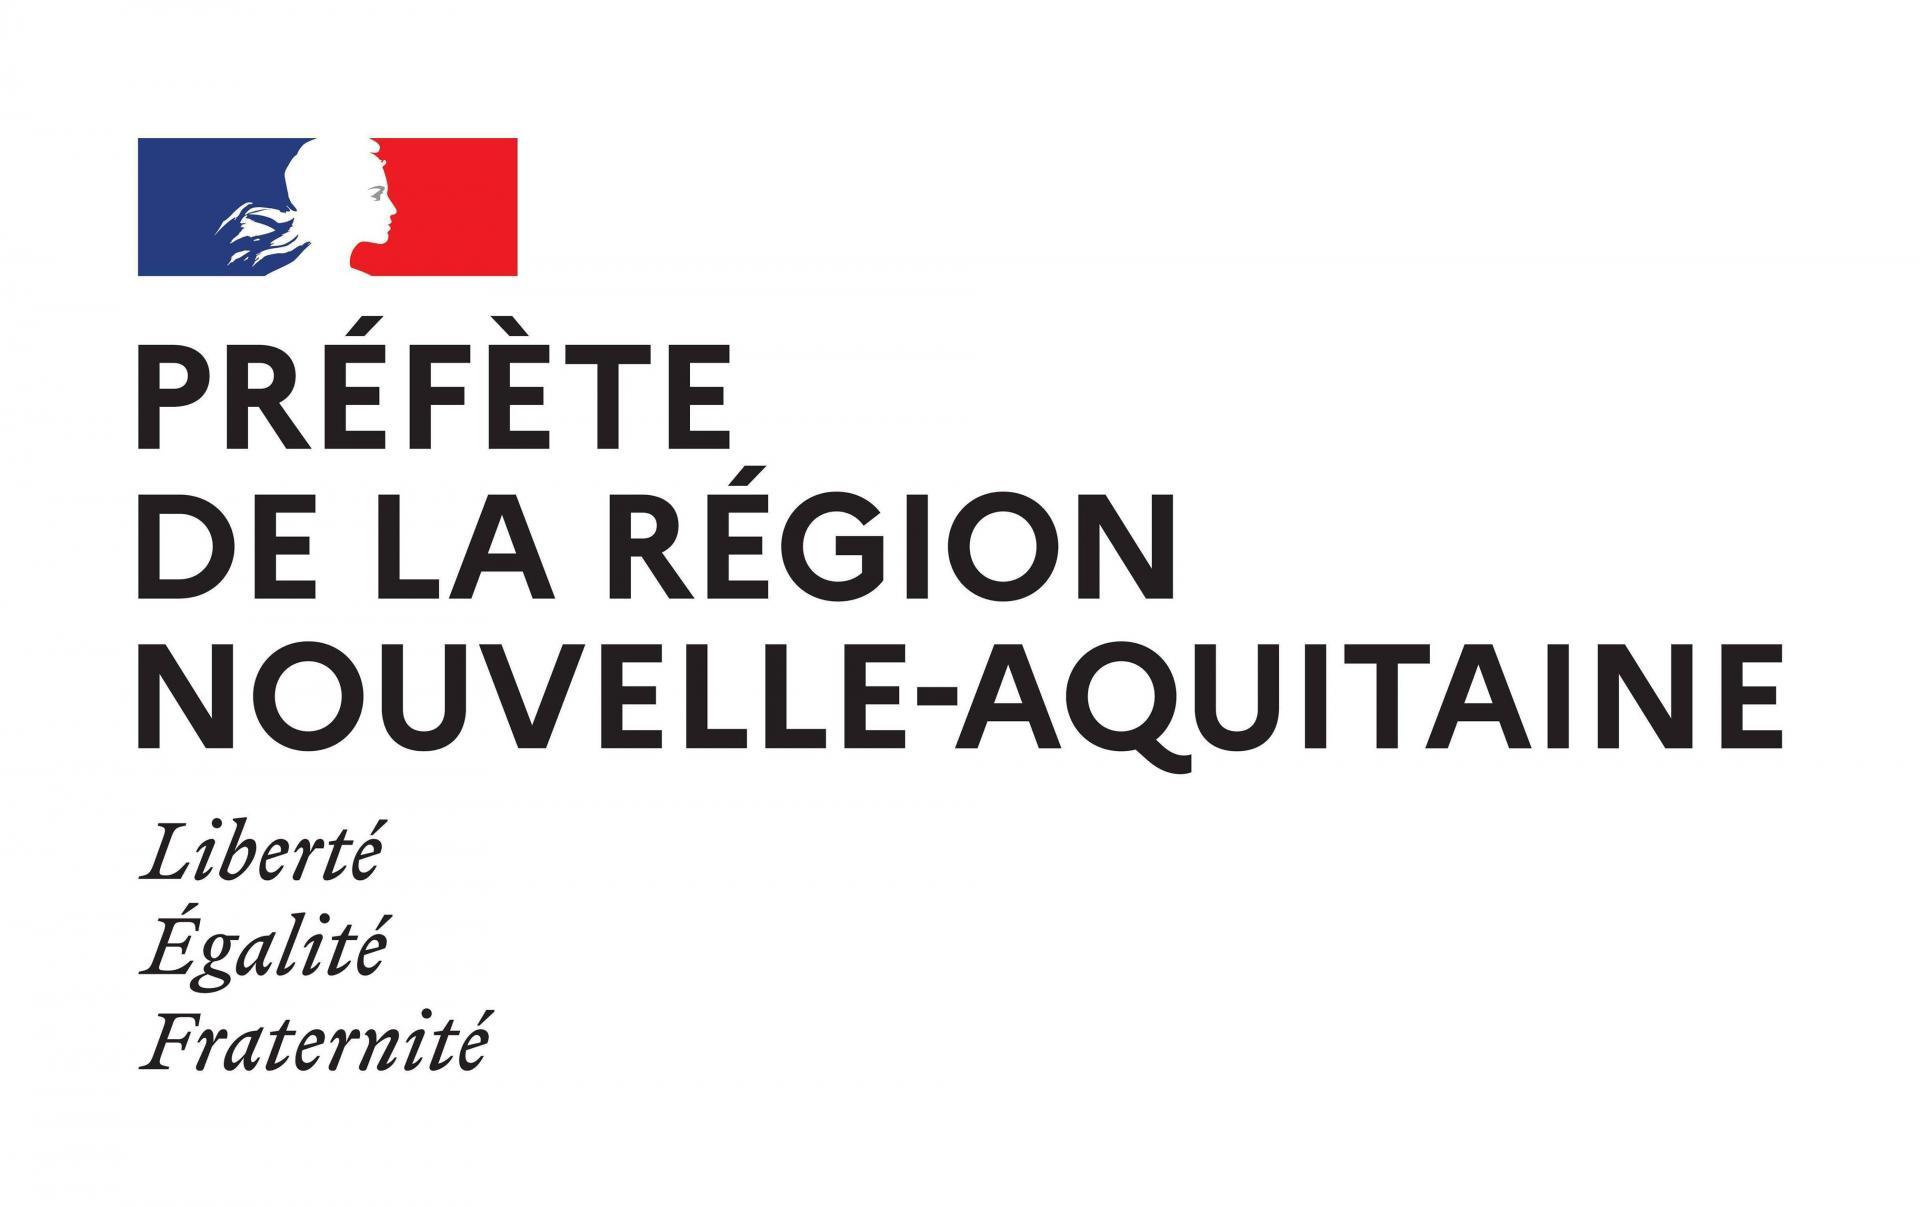 Prefete region nouvelle aquitaine couleurs